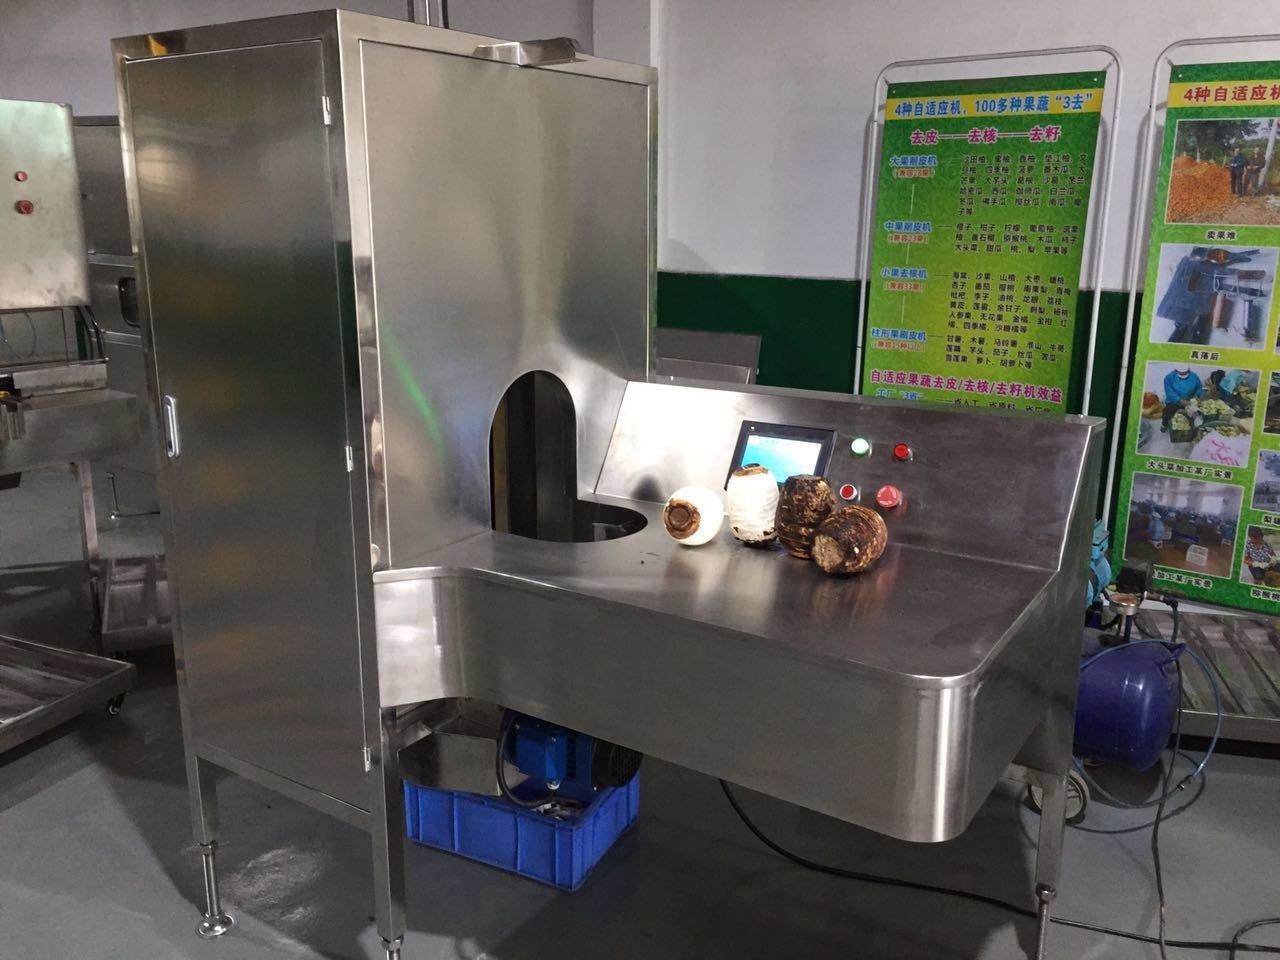 供应中央厨房专用南瓜削皮机,可削冬瓜、芋头等28种果蔬